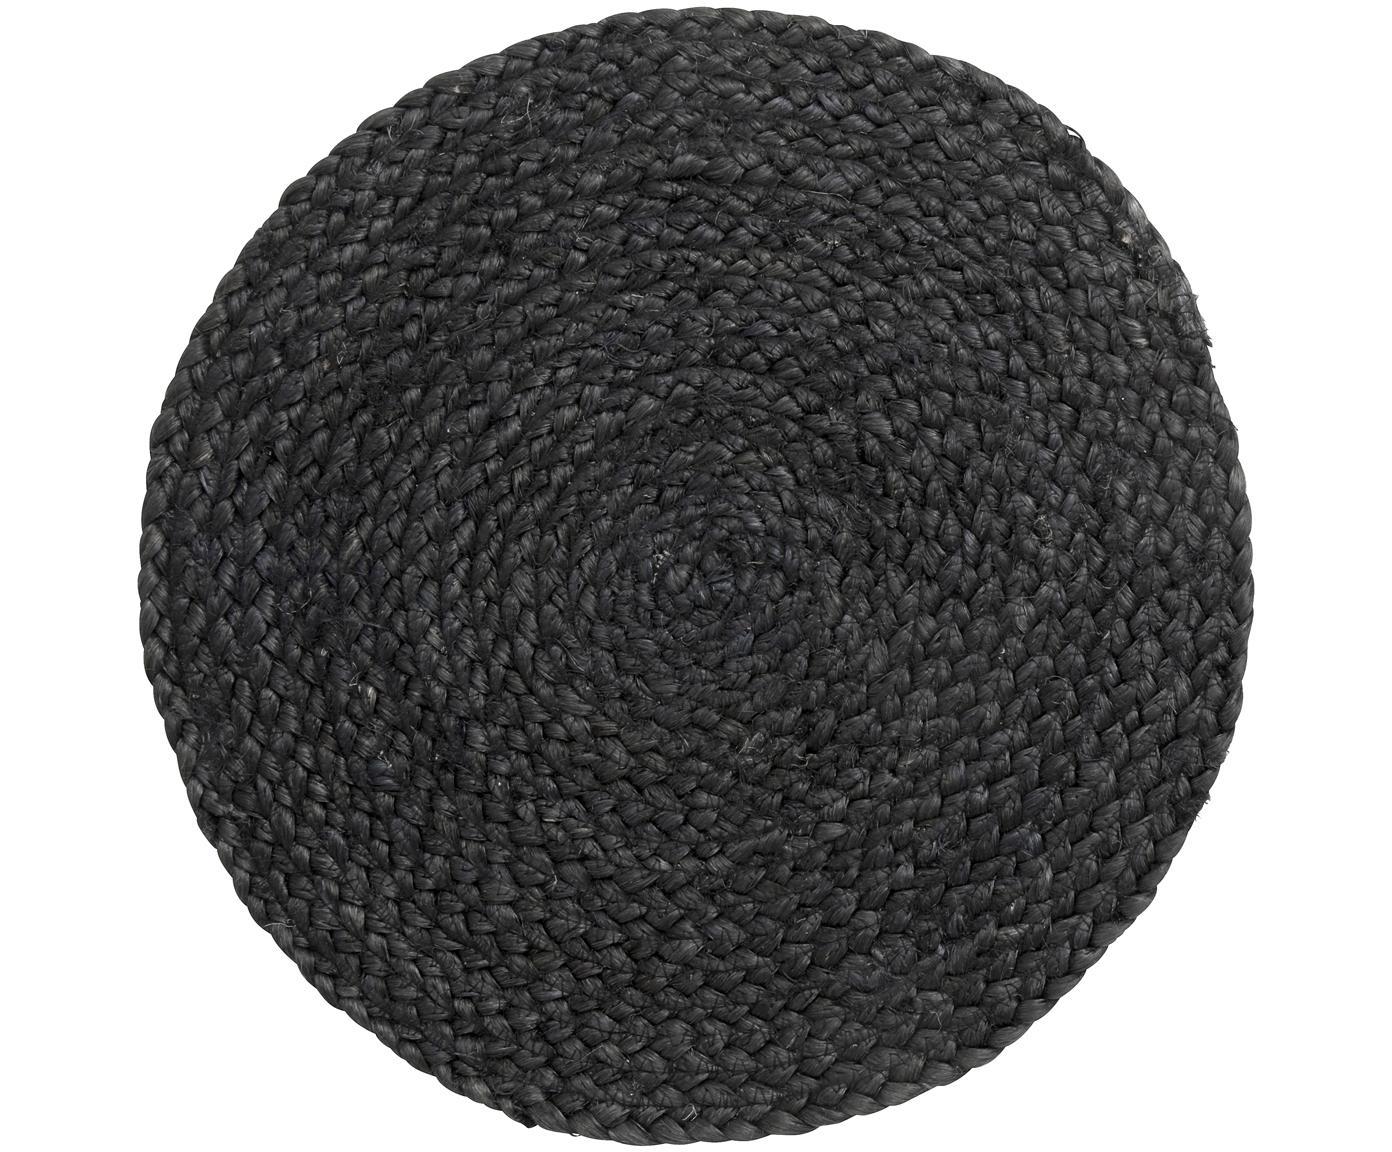 Okrągła podkładka z juty Thrill, 4 szt., Juta malowana, Czarny, Ø 35 cm